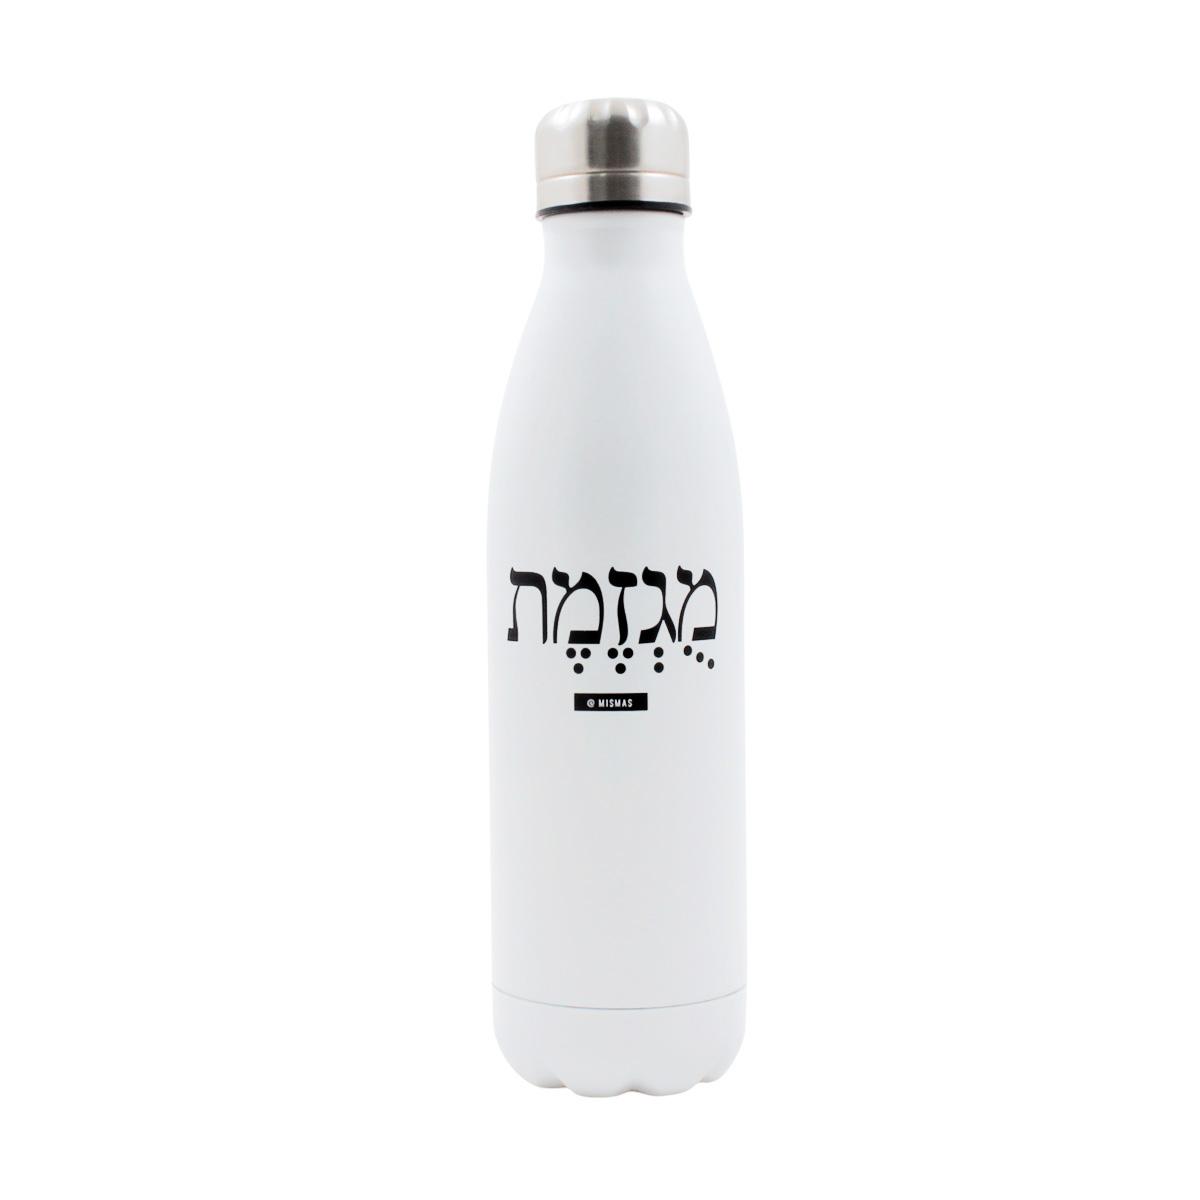 בקבוק שומר חום/קור 500 מ